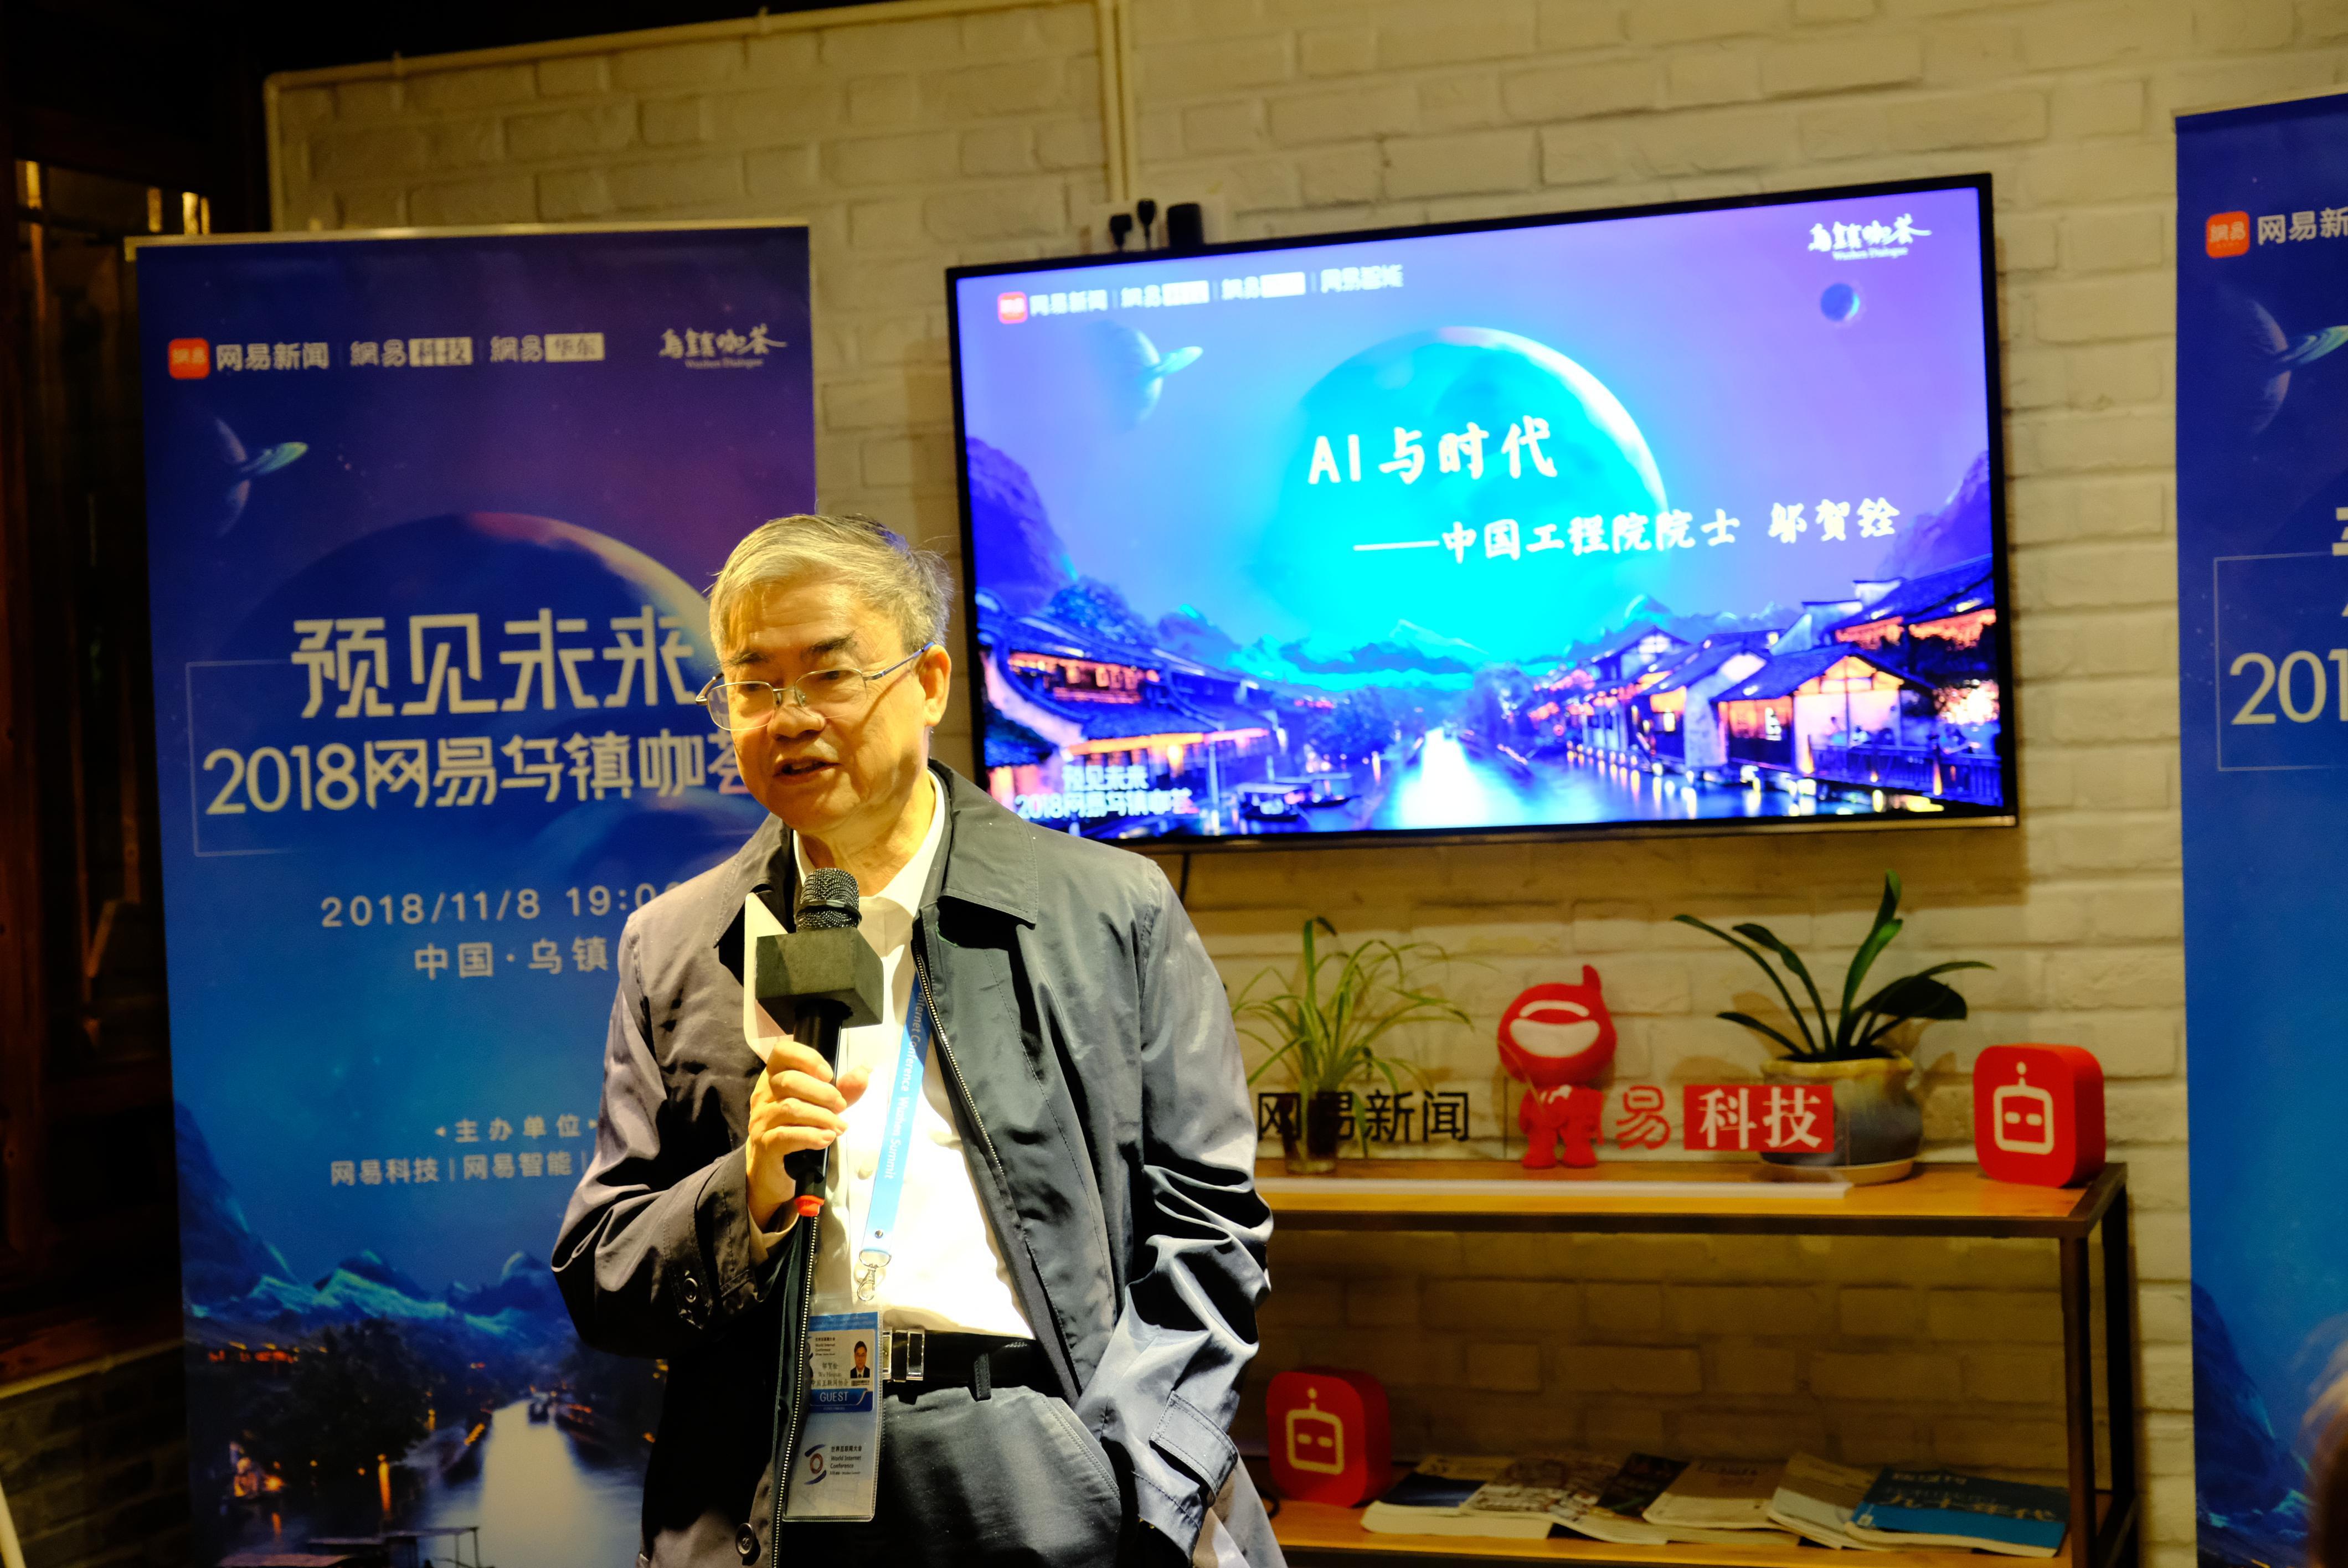 邬贺铨院士:人工智能不是取代人的智能,而是使人更聪明